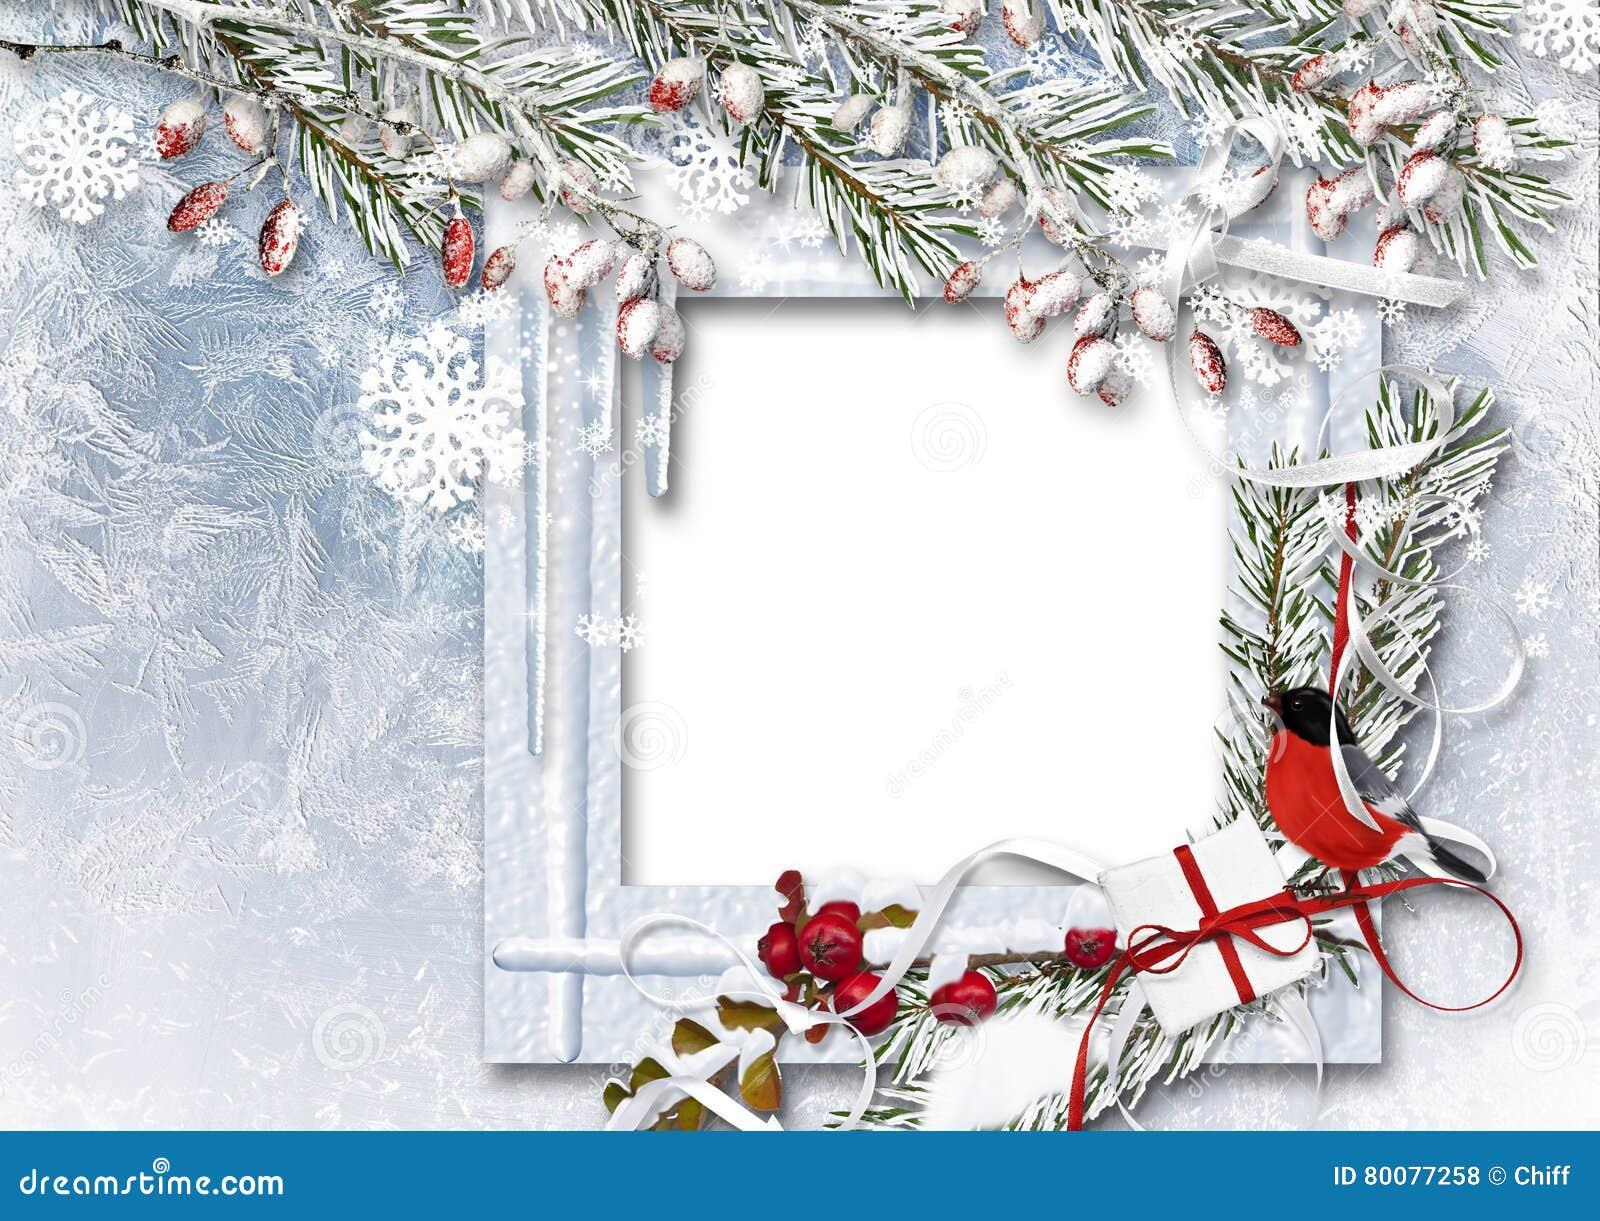 Fond de Noël avec le cadre de photo, le bouvreuil, les branches de neige et les baies rouges